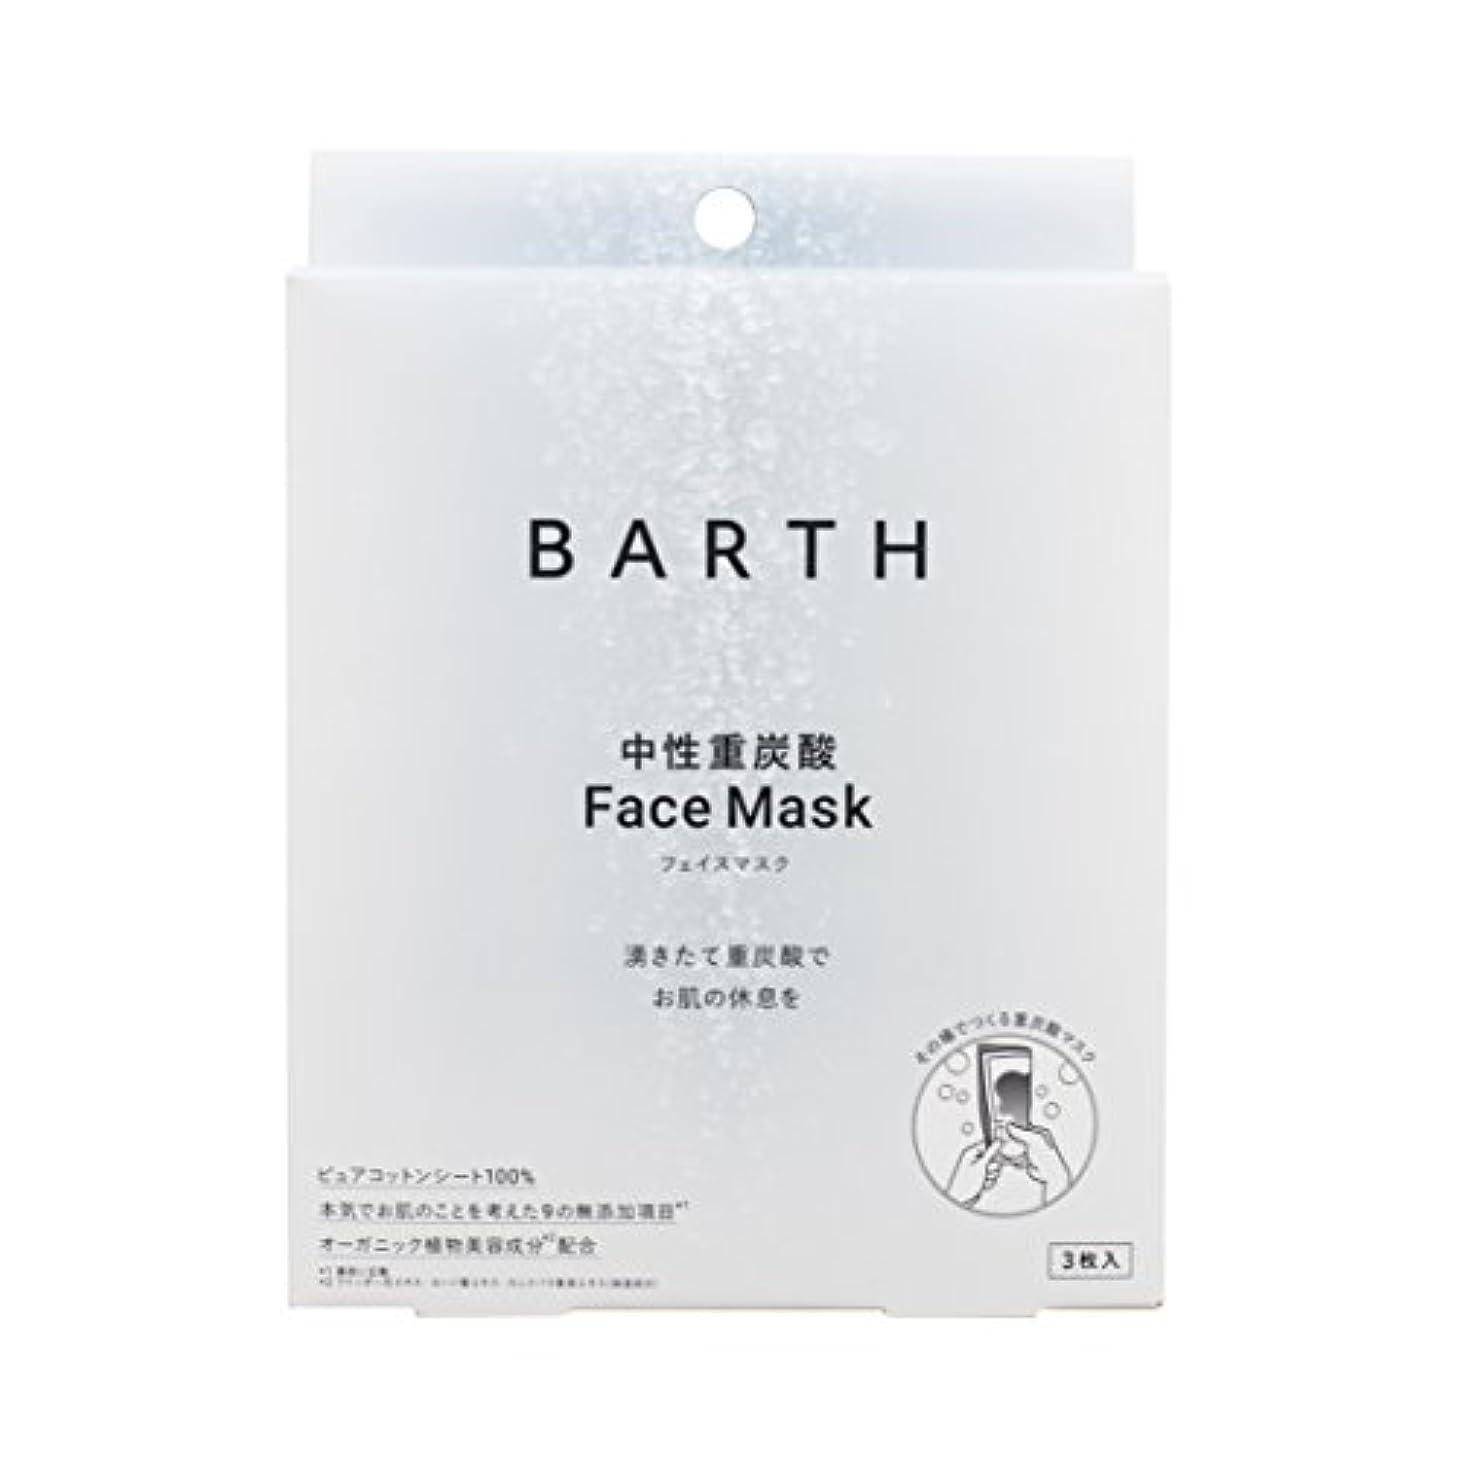 若い彼は隣接するBARTH【バース】 中性 重炭酸 フェイスマスク (無添加 日本製 ピュアコットン 100% オーガニック植物美容成分3種入り) (3包入り)